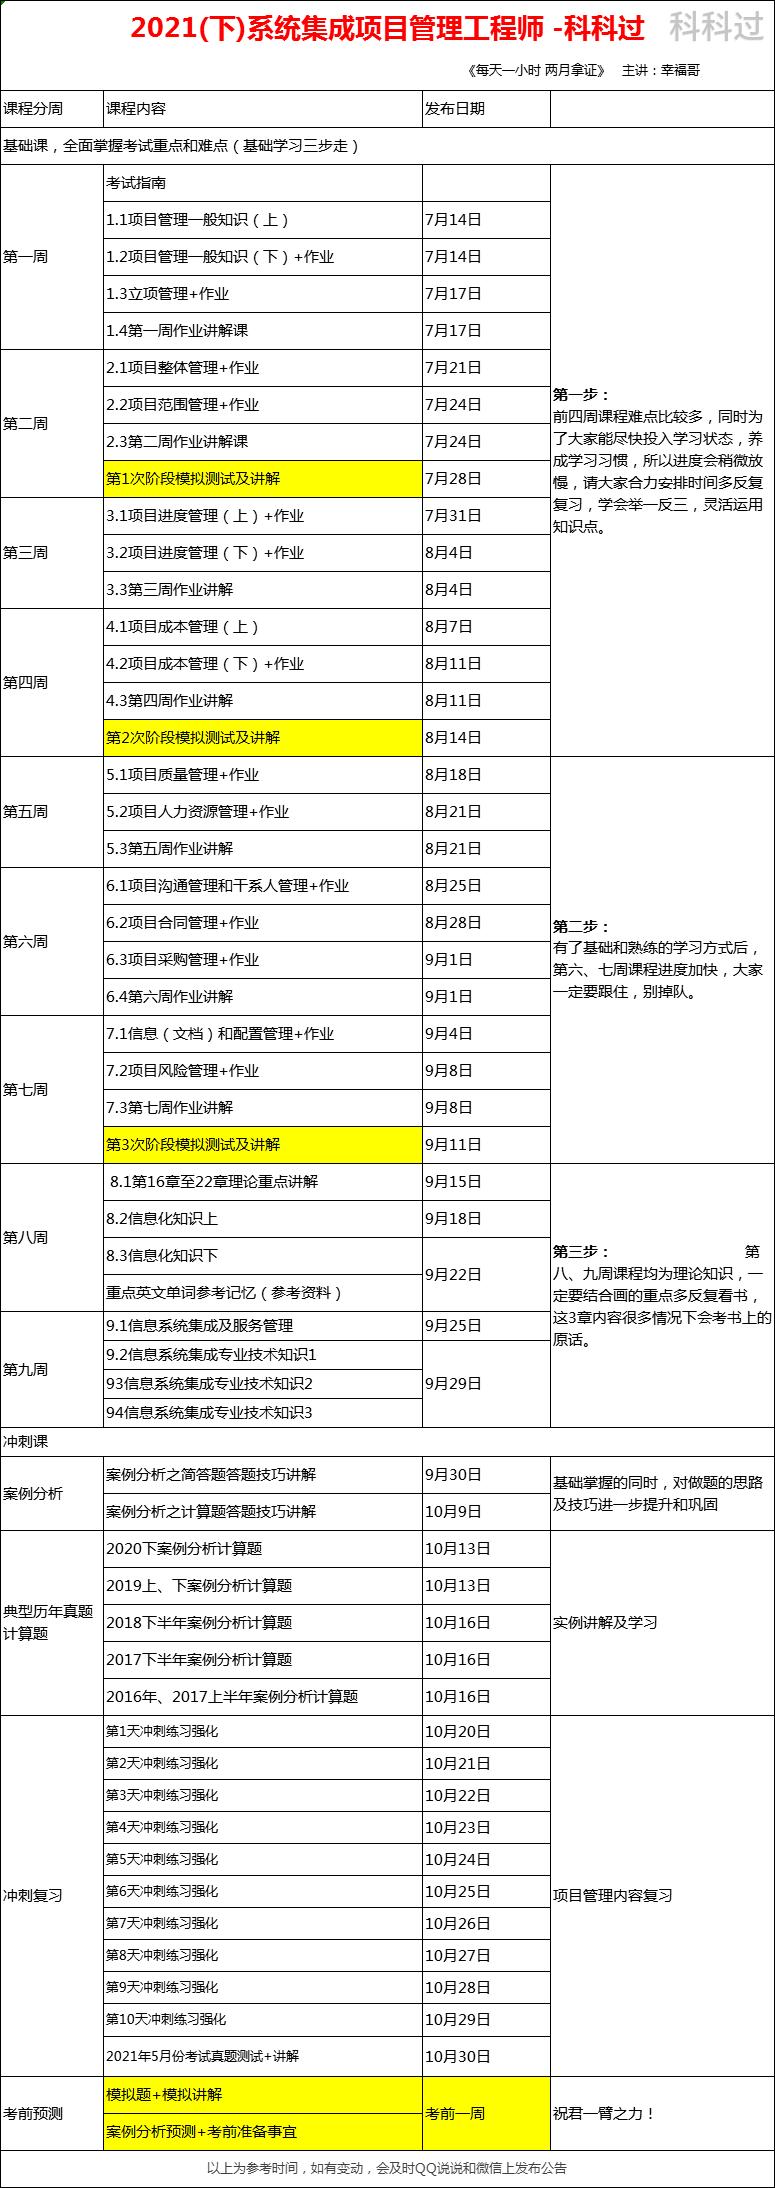 中级-精讲-下半年课程表